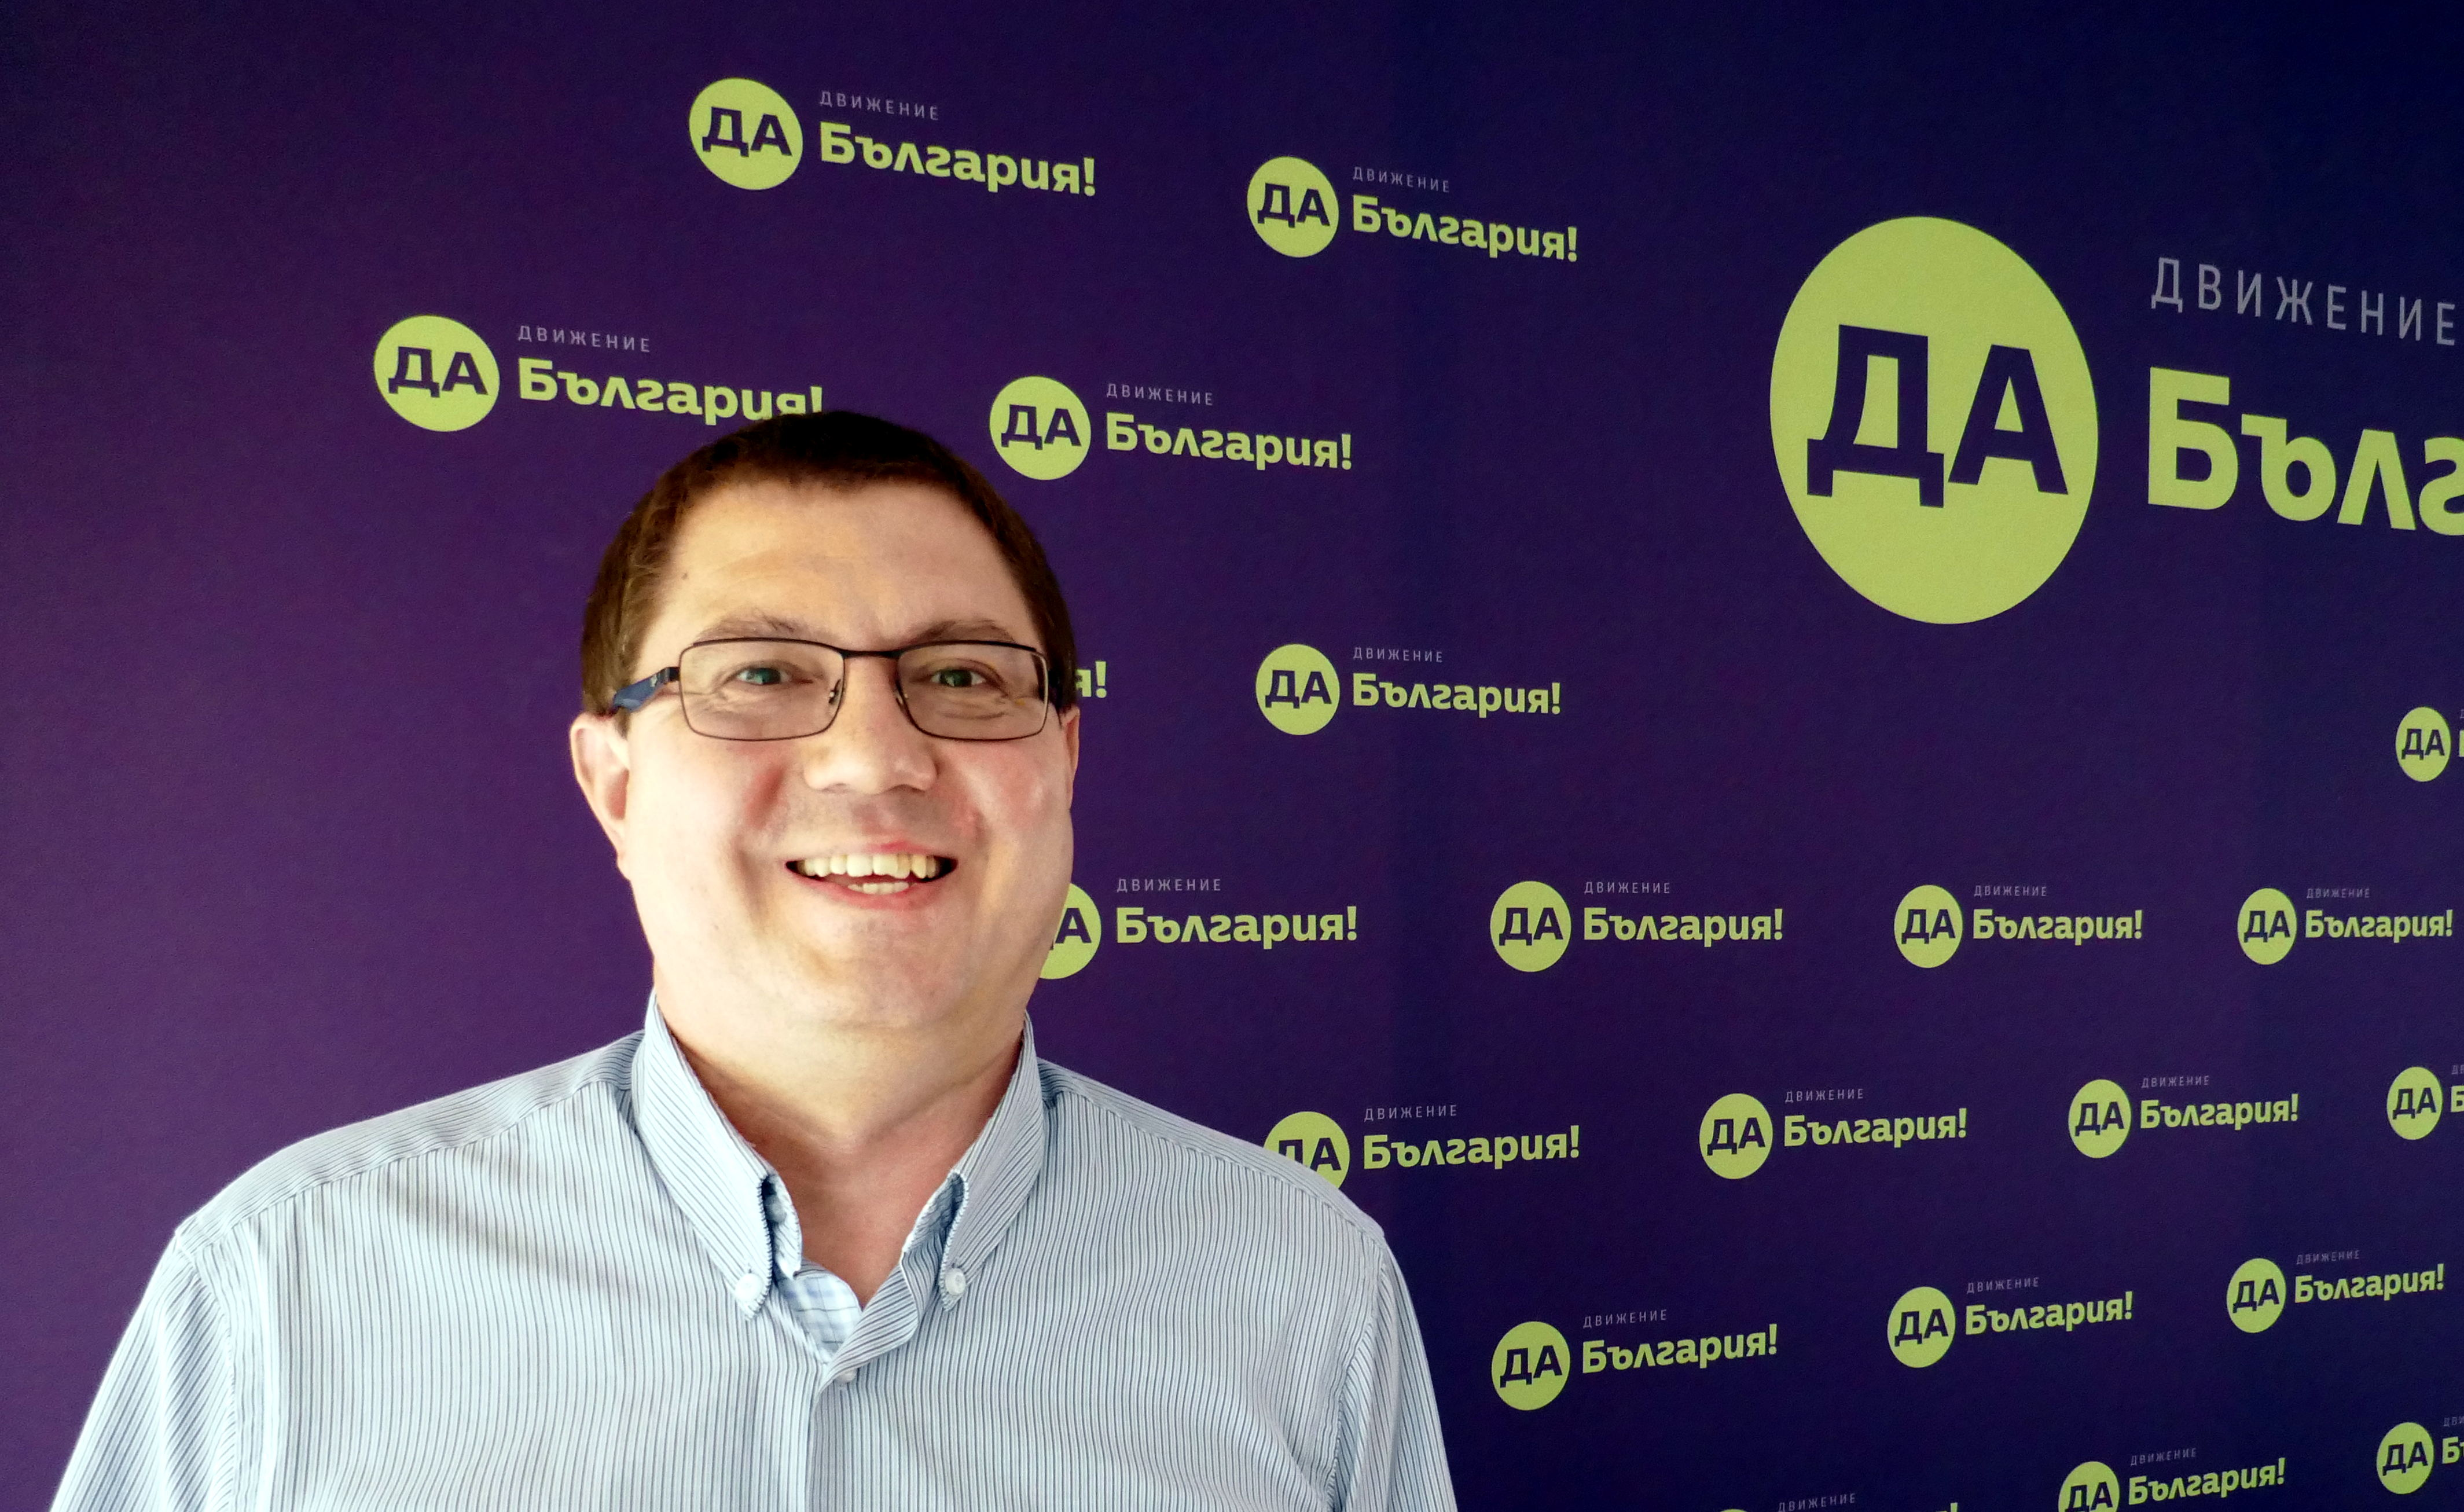 Епизод 40 –  Ангел Стефанов за омбудсмана на София и декларацията на Демократична България срещу провежданата в момента процедура